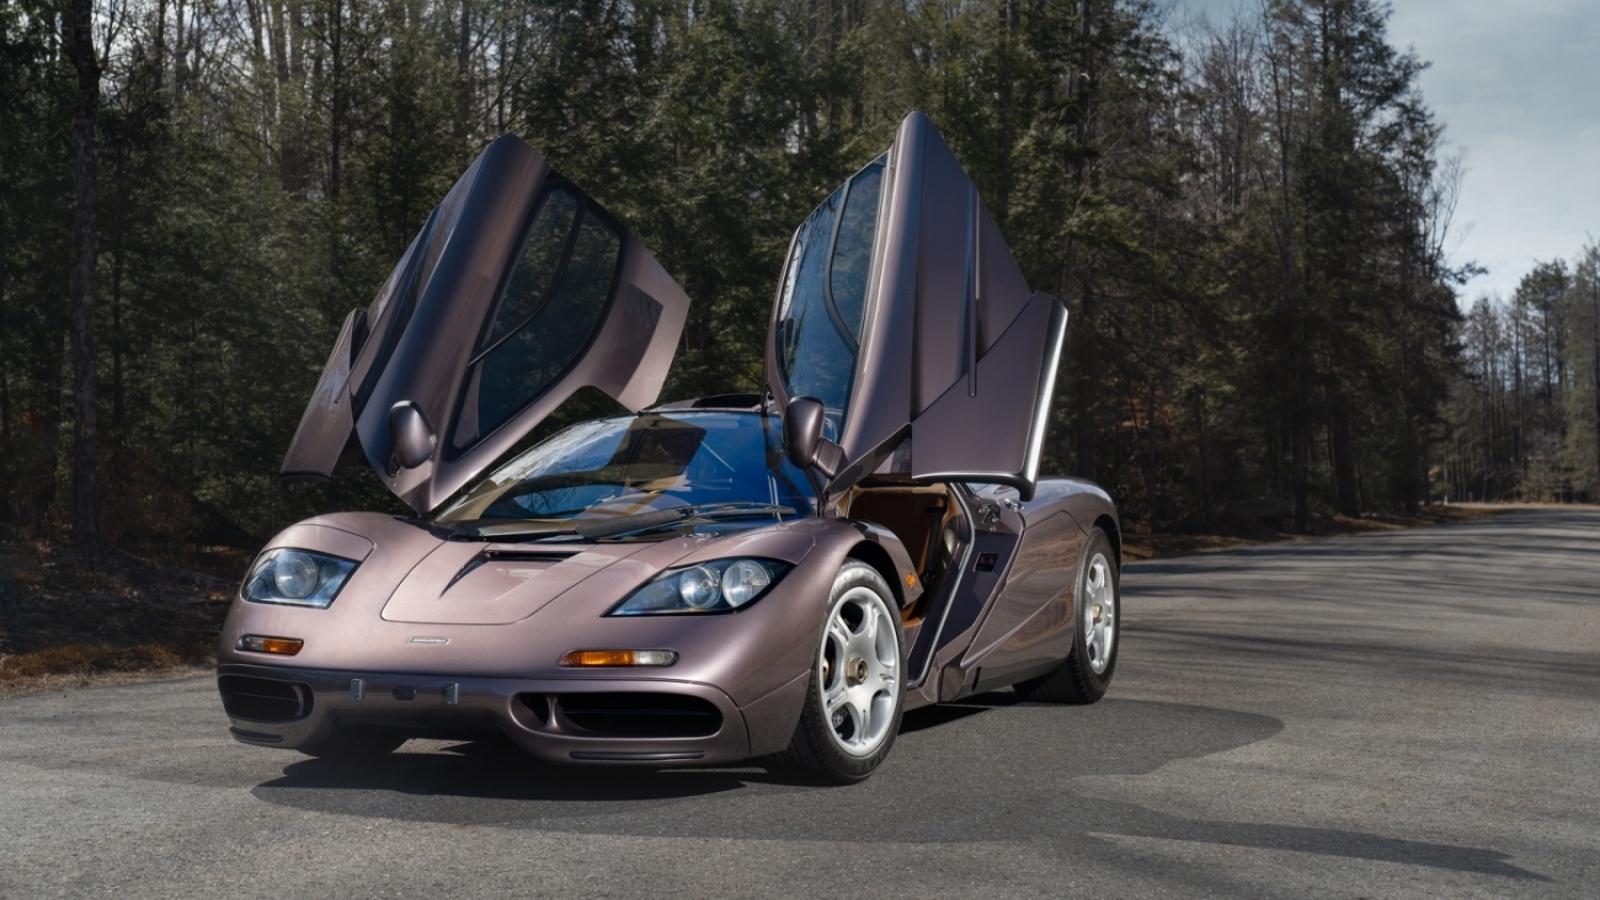 McLaren F1 đời 1995 được bán với giá hơn 20 triệu USD